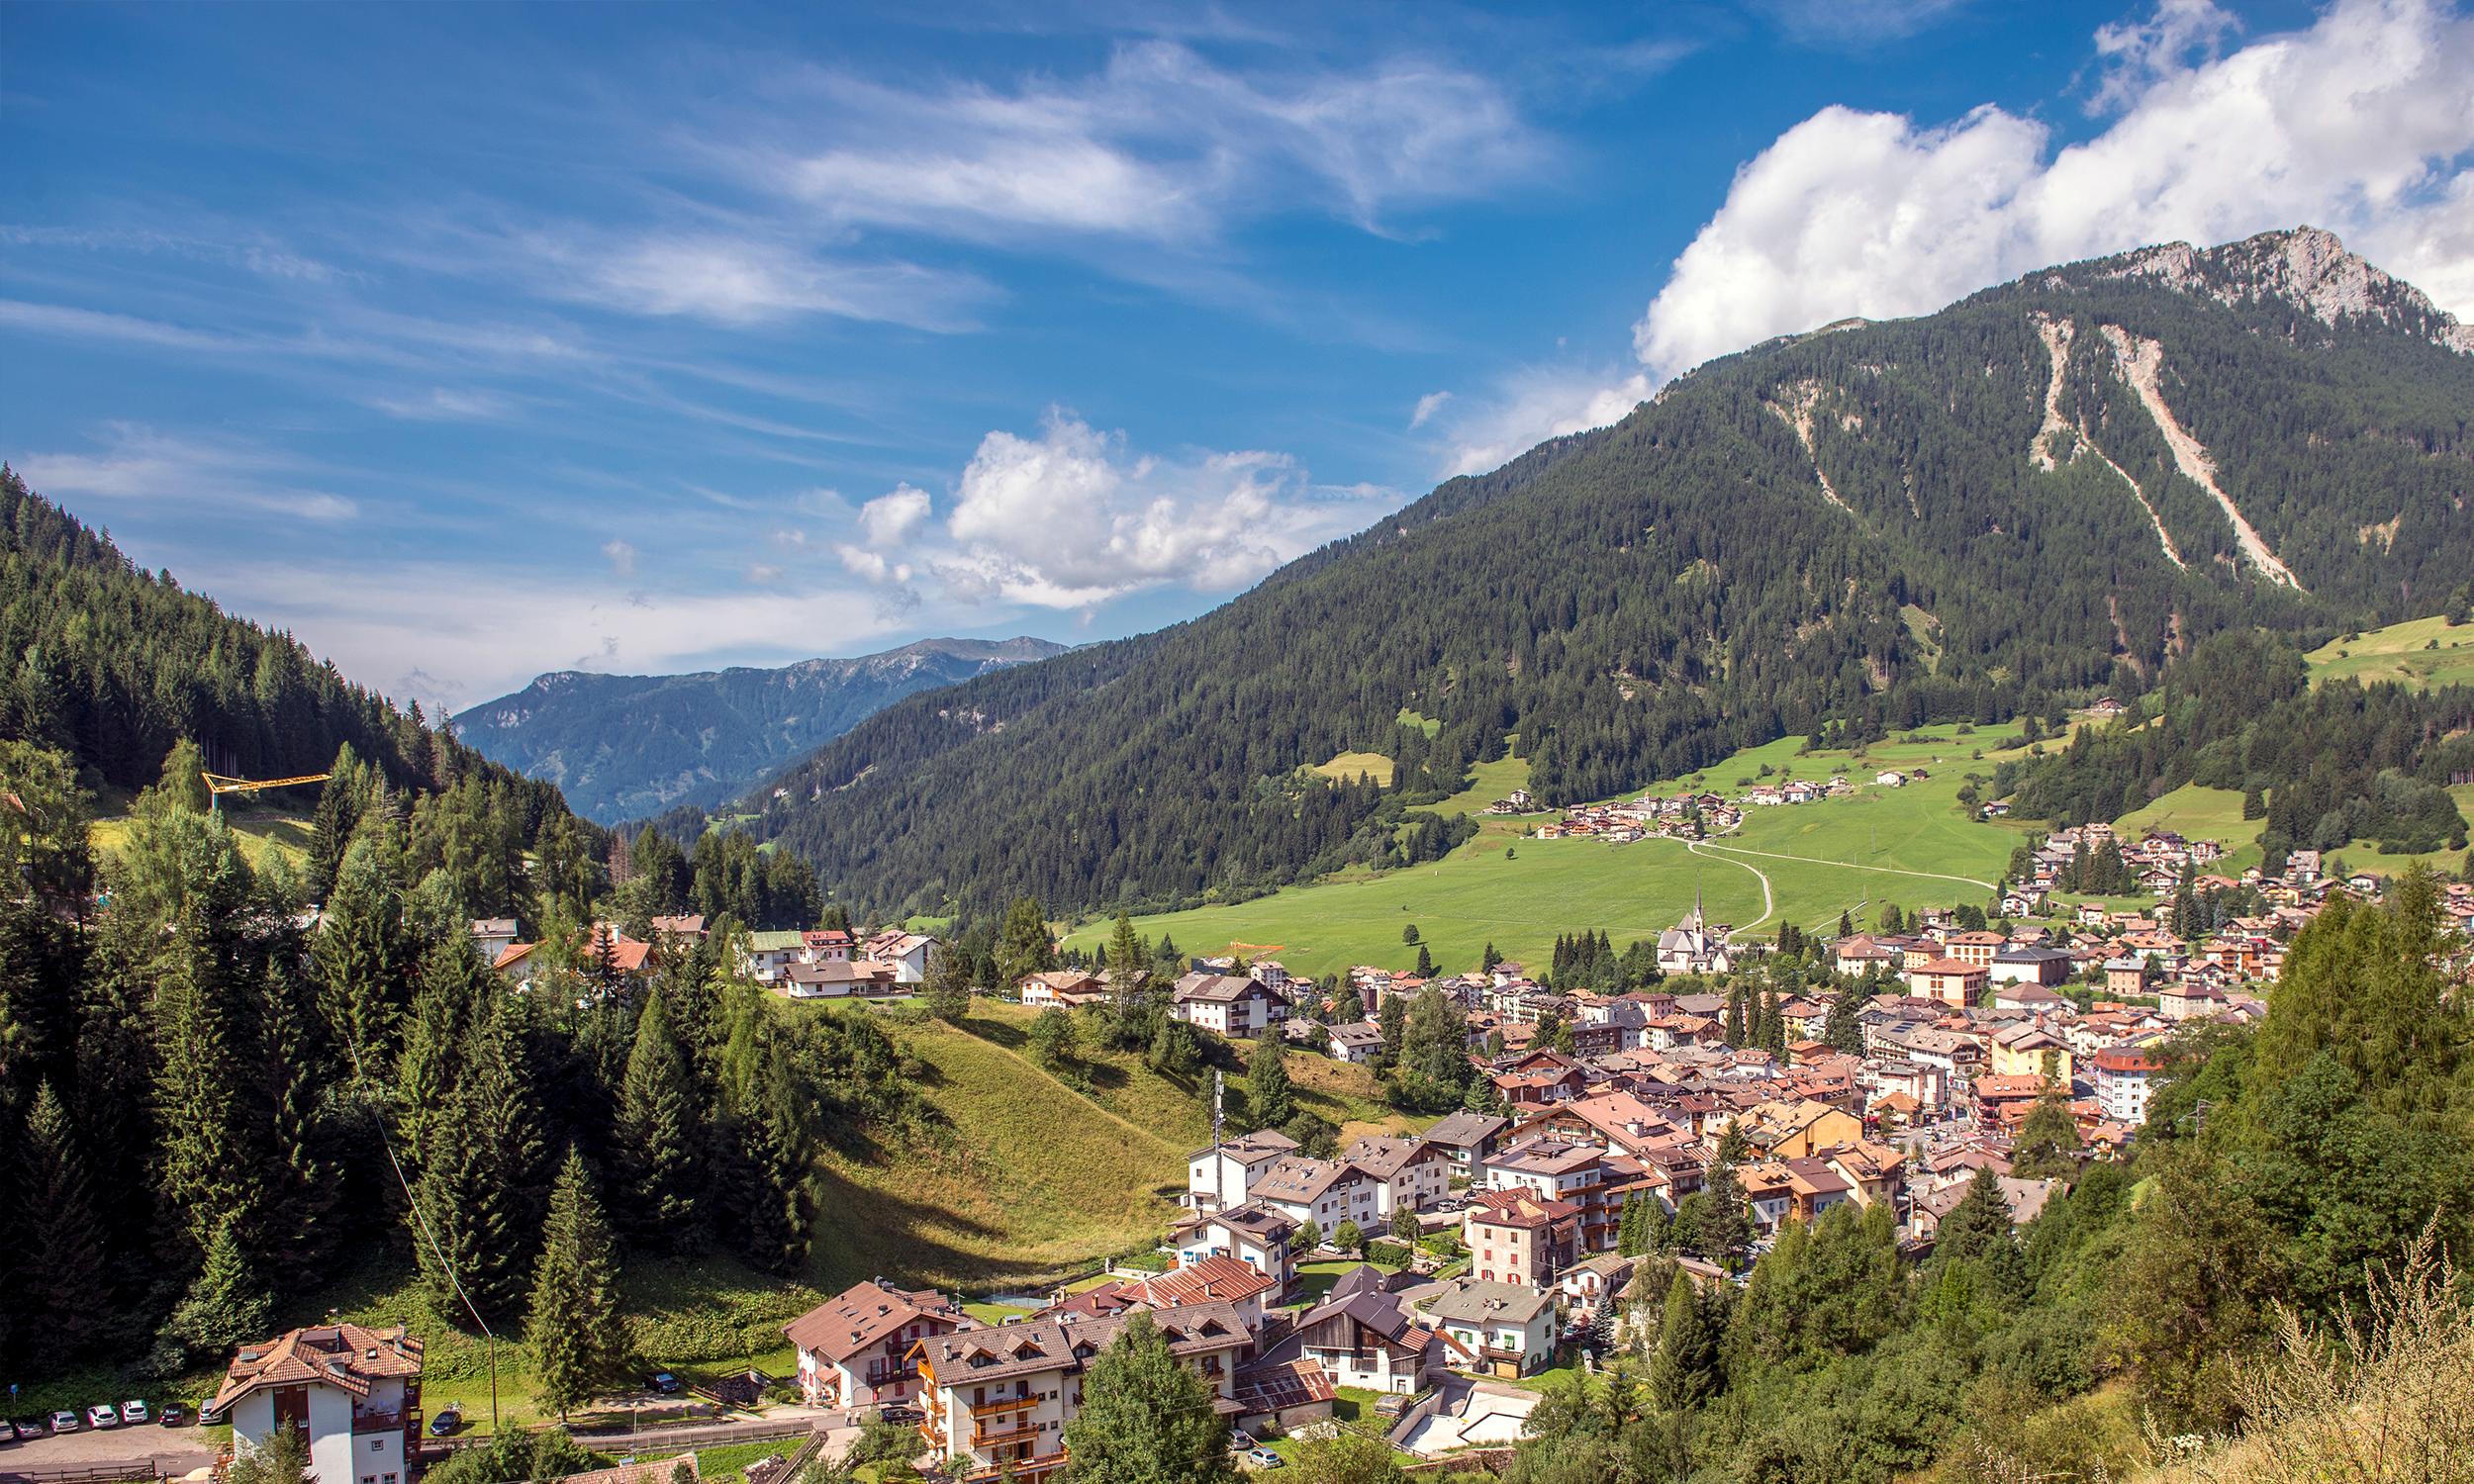 HotelsCombined riconosce Hotel Alle Alpi tra i migliori hotel in Italia e in Trentino.